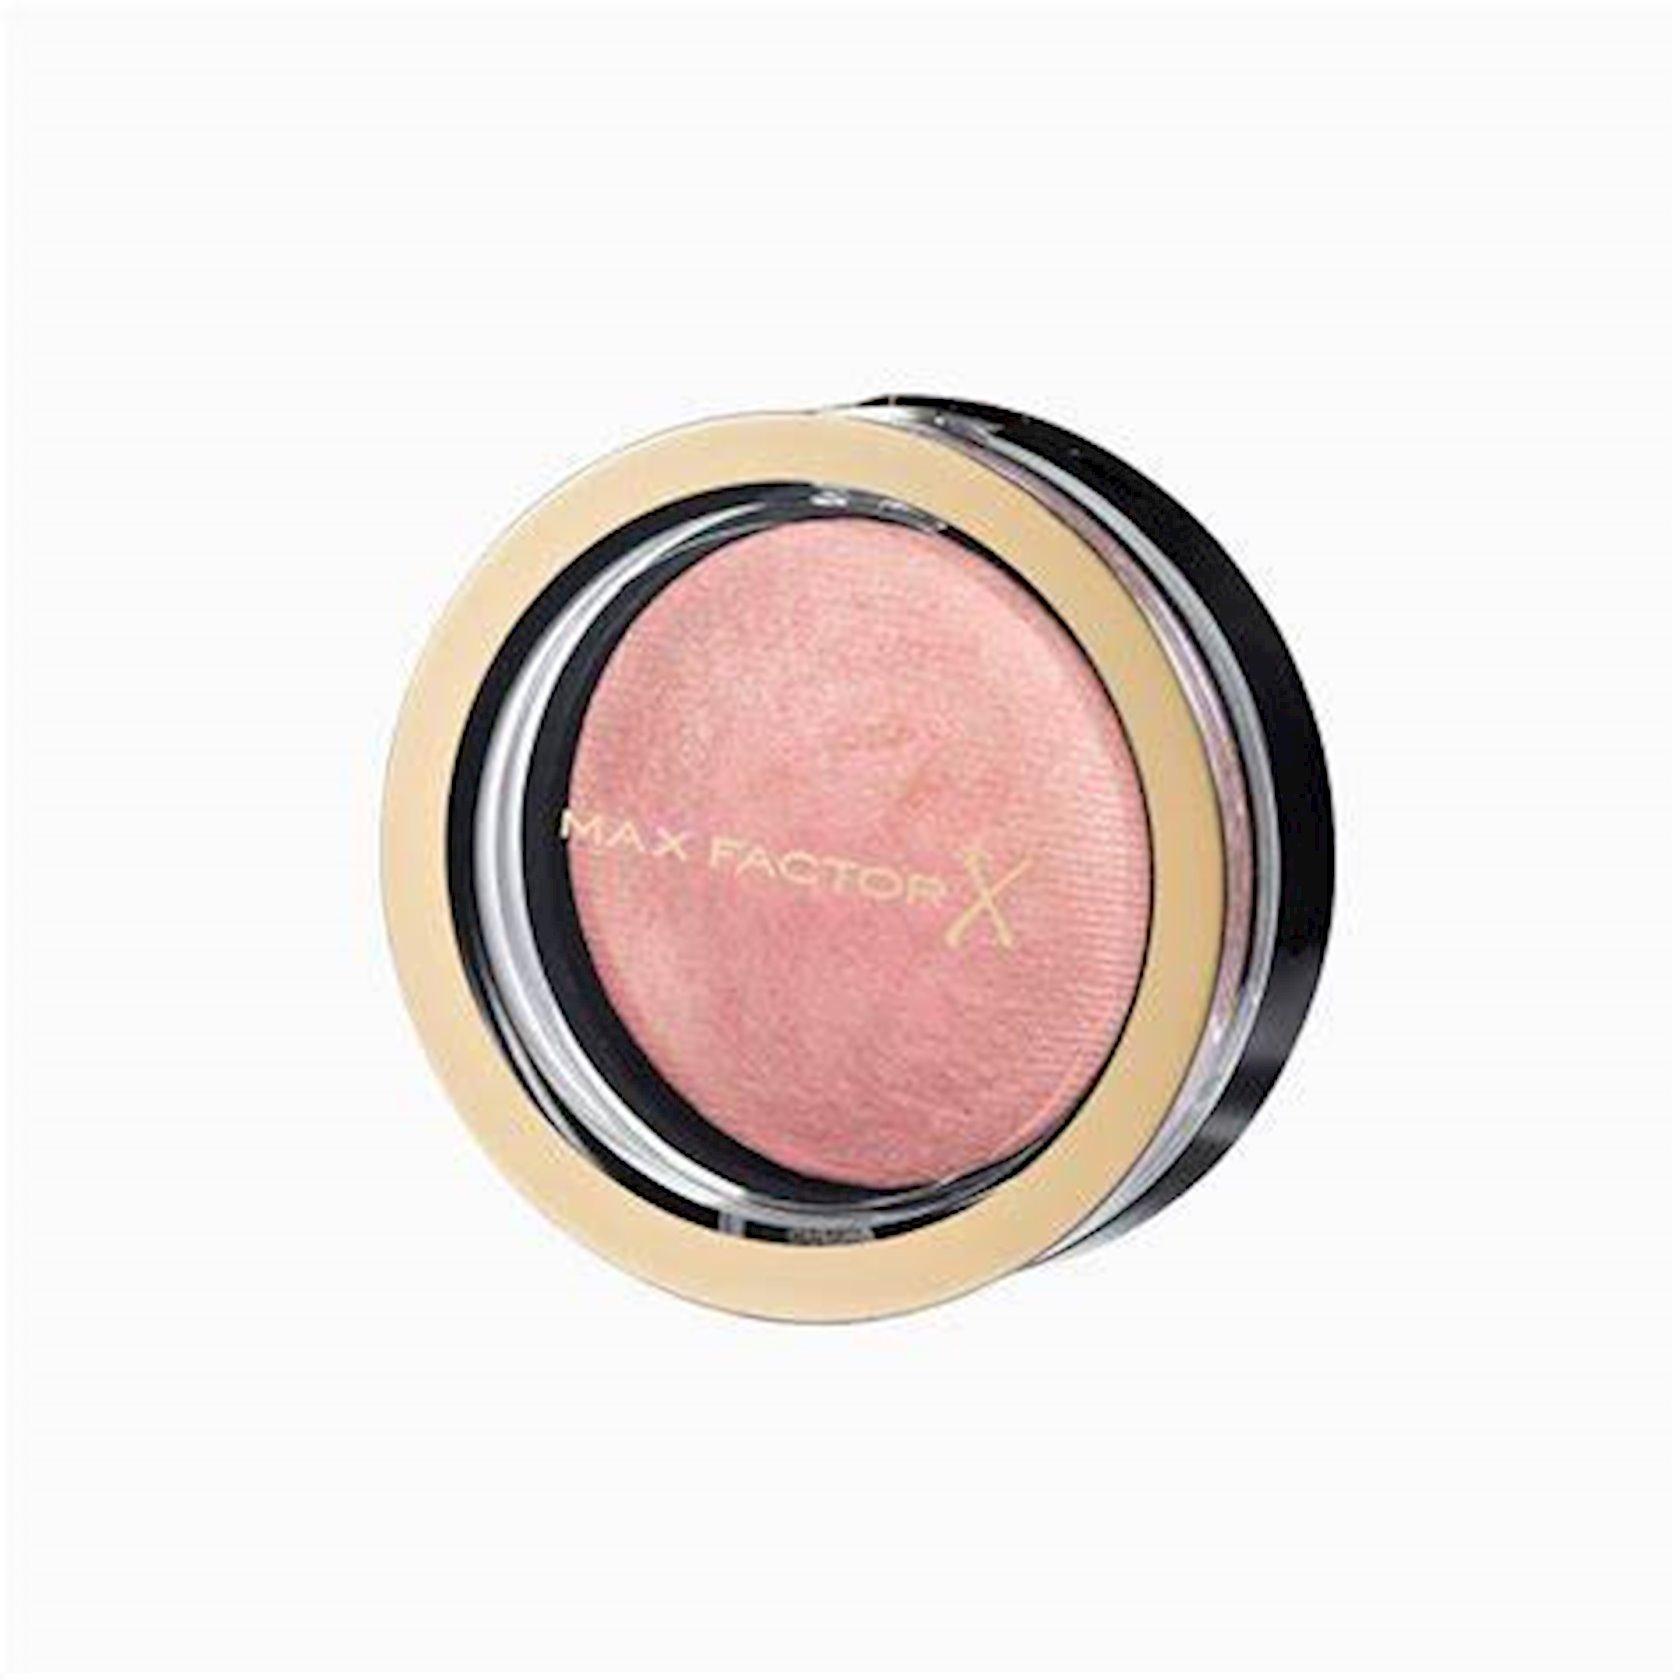 Ənlik Max Factor - Creme Puff Blush 5 Lovely Pink